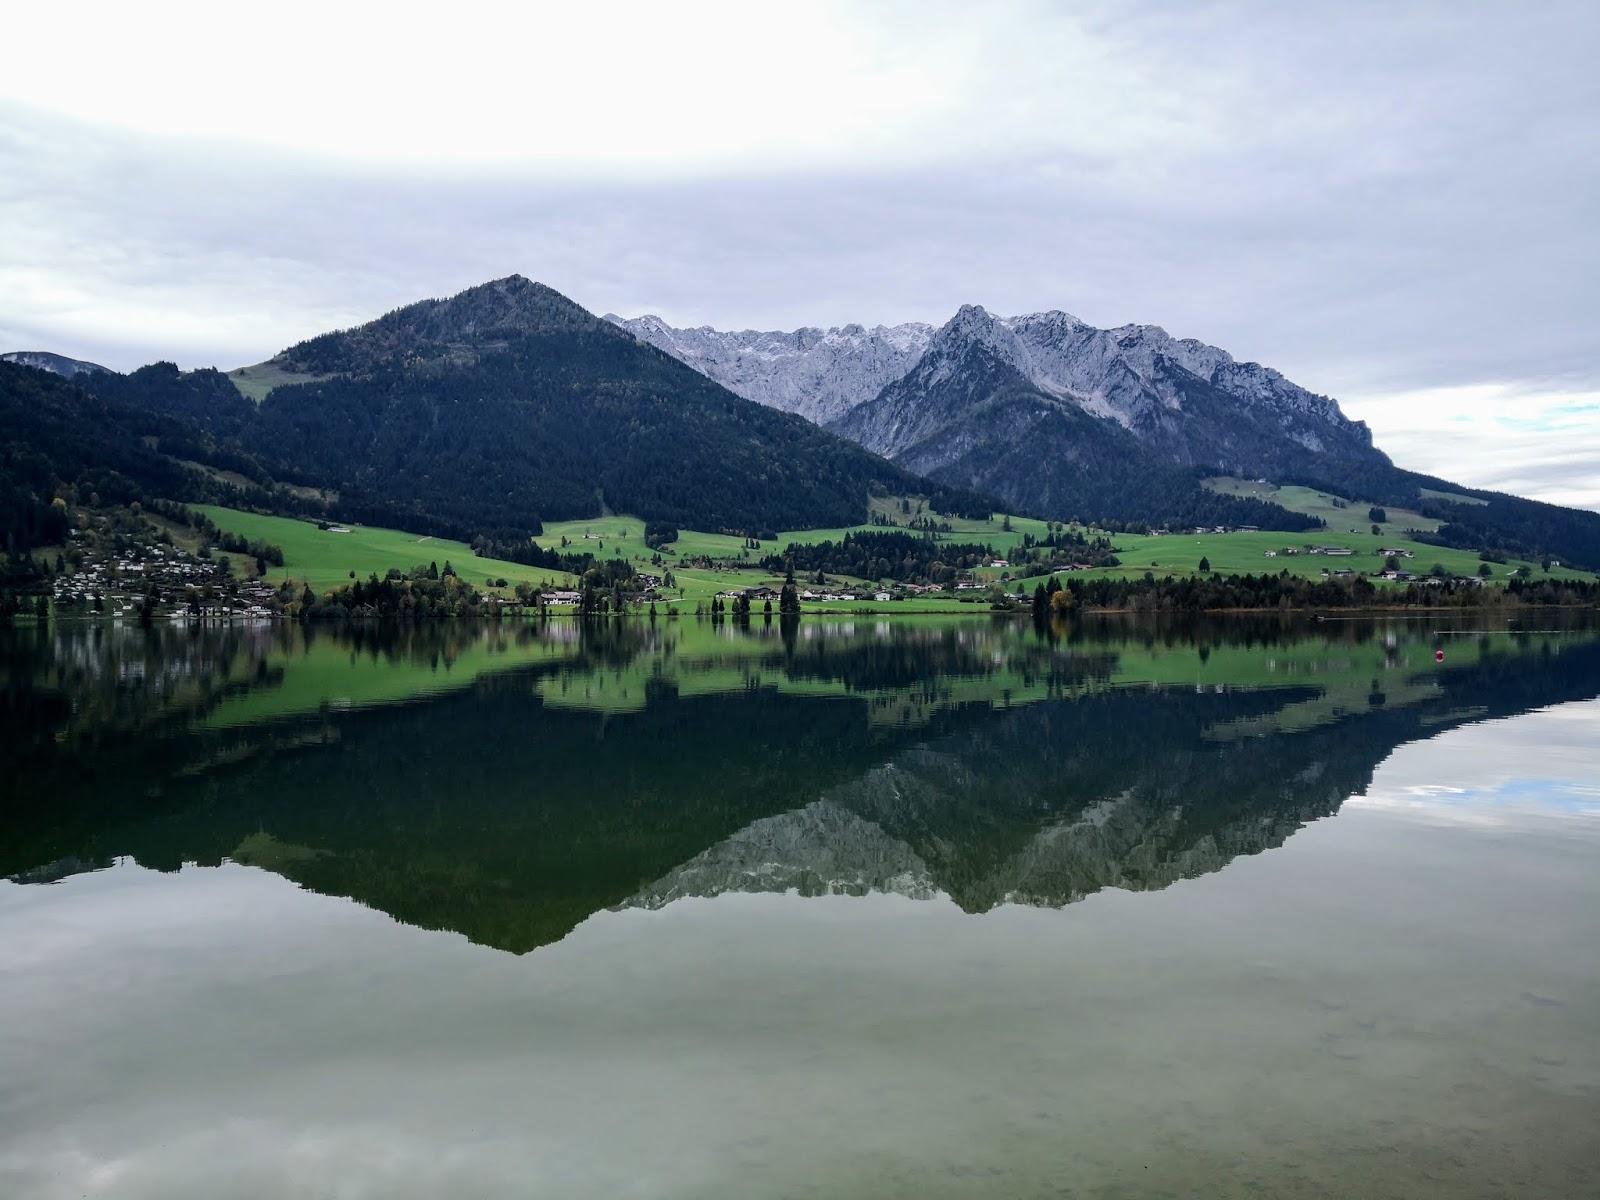 Still liegt der Walchsee im Tiroler Kössen vor dem erhabenen Kaisergebierge